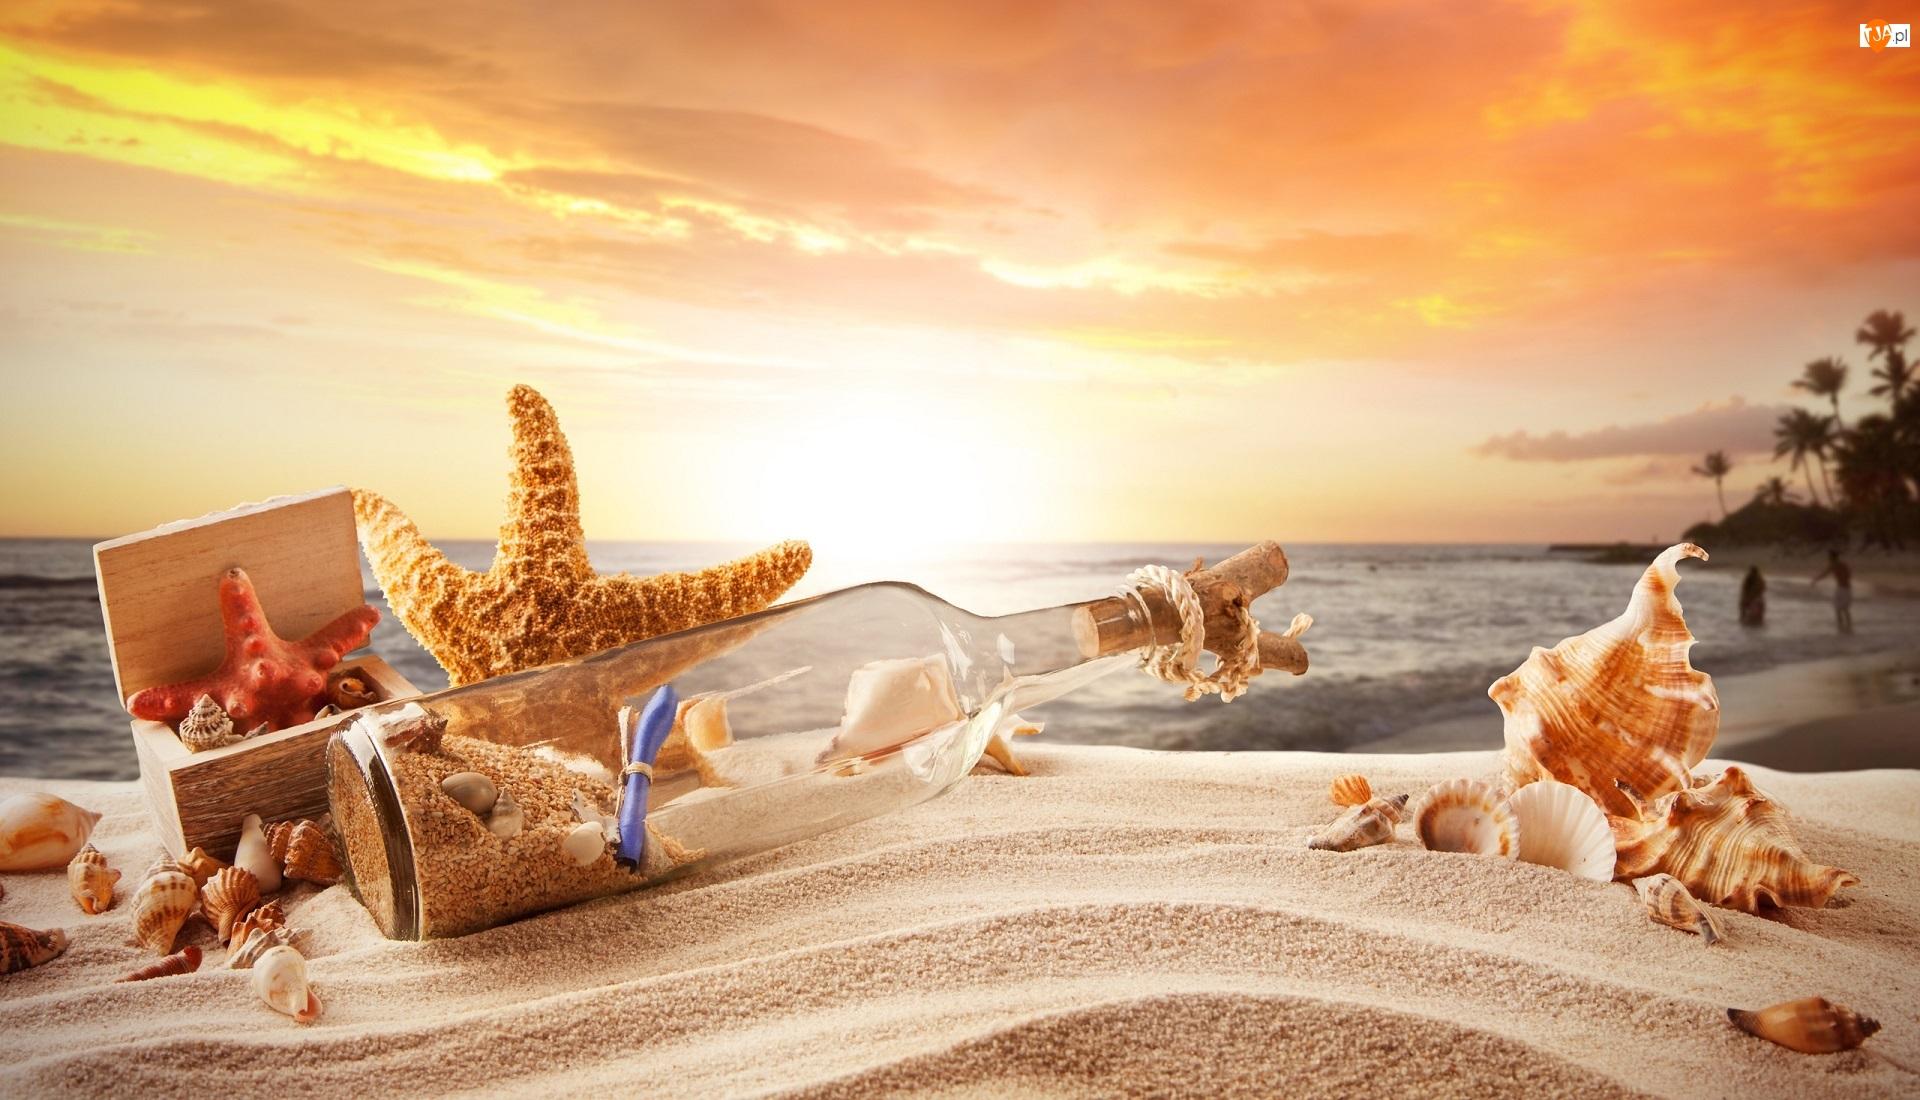 Morze, Zachód słońca, Muszelki, Rozgwiazdy, Plaża, Butelka